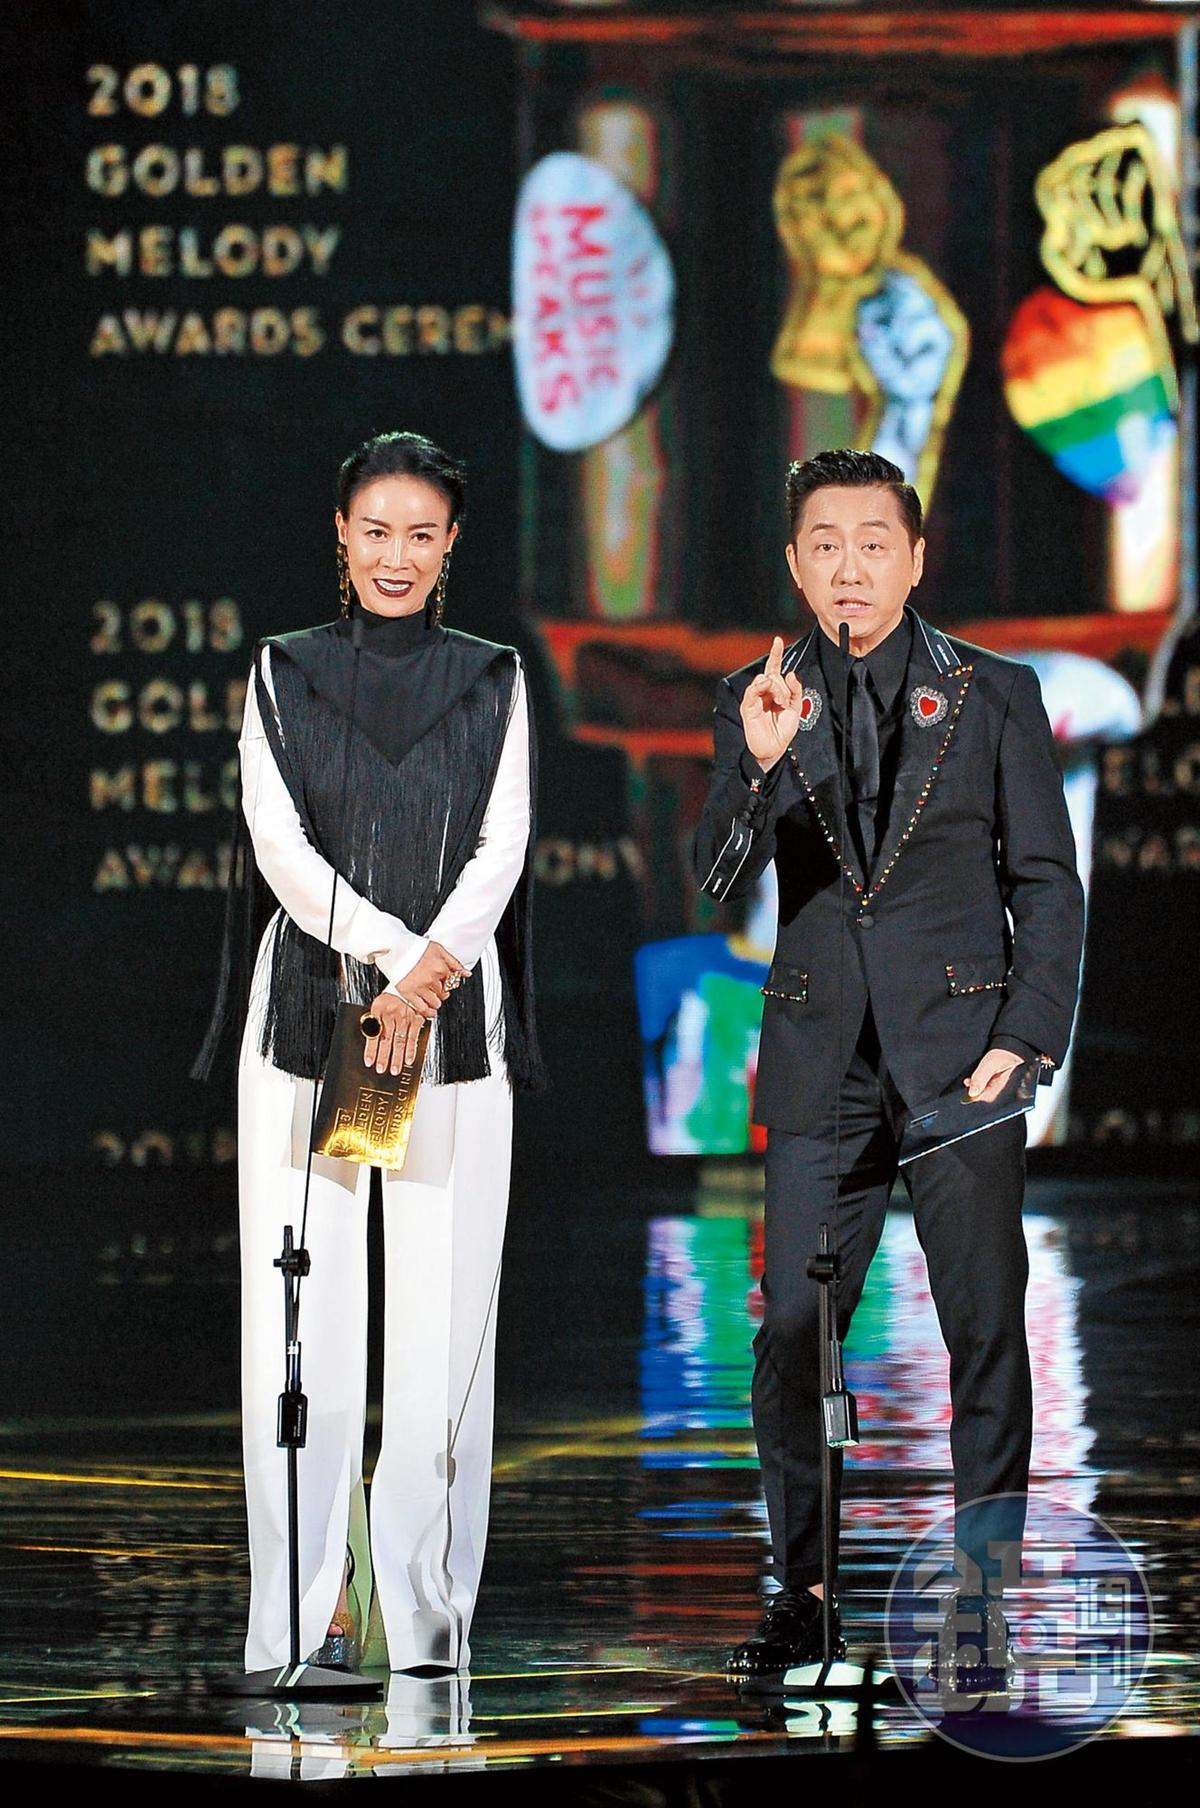 哈林跟那英雖然頒獎被批,但主辦單位的陳鎮川還是力挺2人,覺得他們表現會圈到他們自己粉絲。